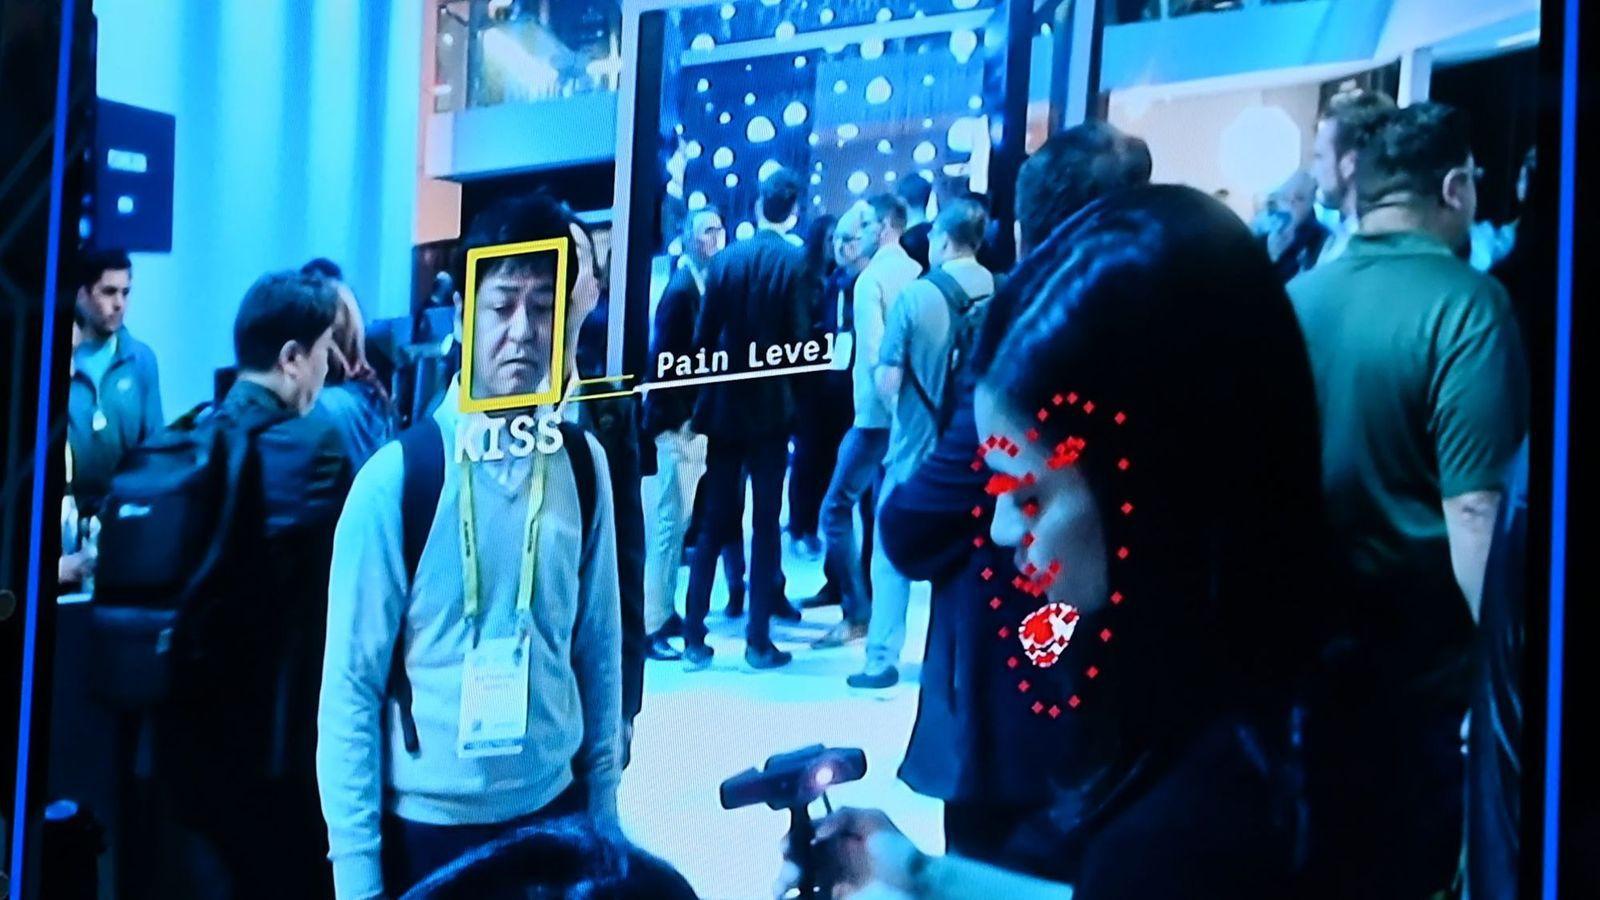 Reconnaissance faciale : Clearview AI, qui stocke 3 milliards de visages, a été piratée